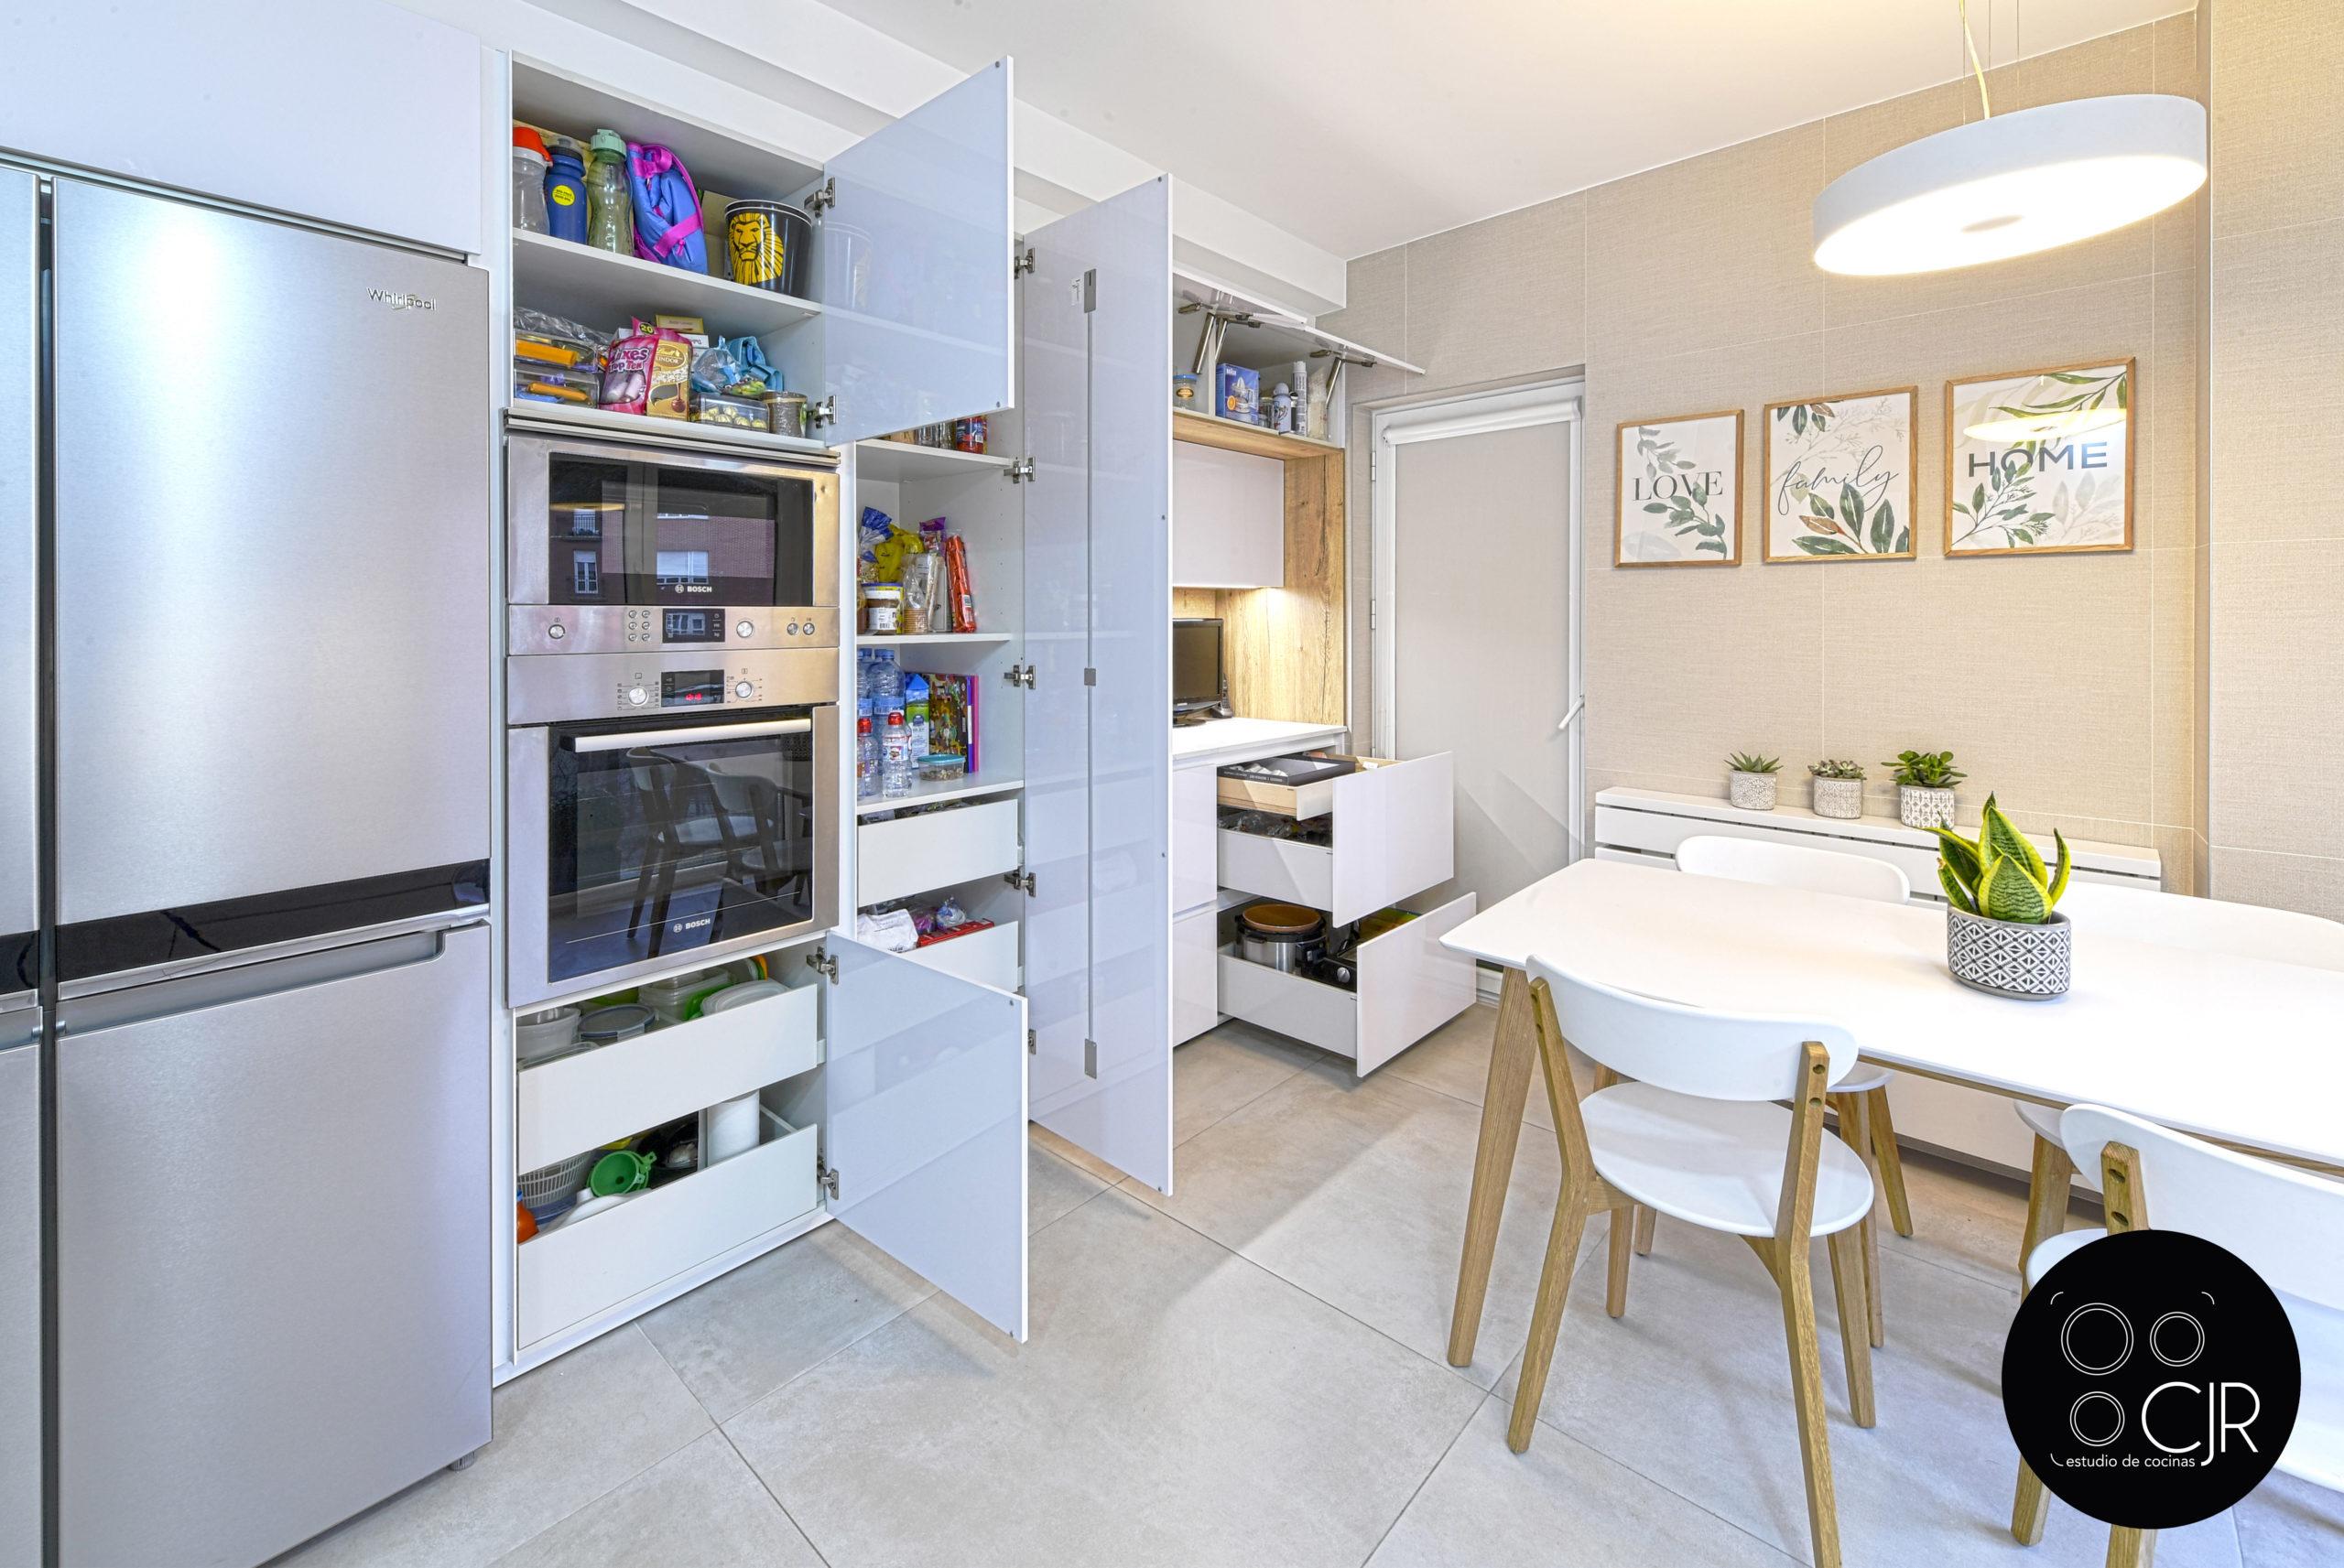 Vista general de cocina blanca y madera